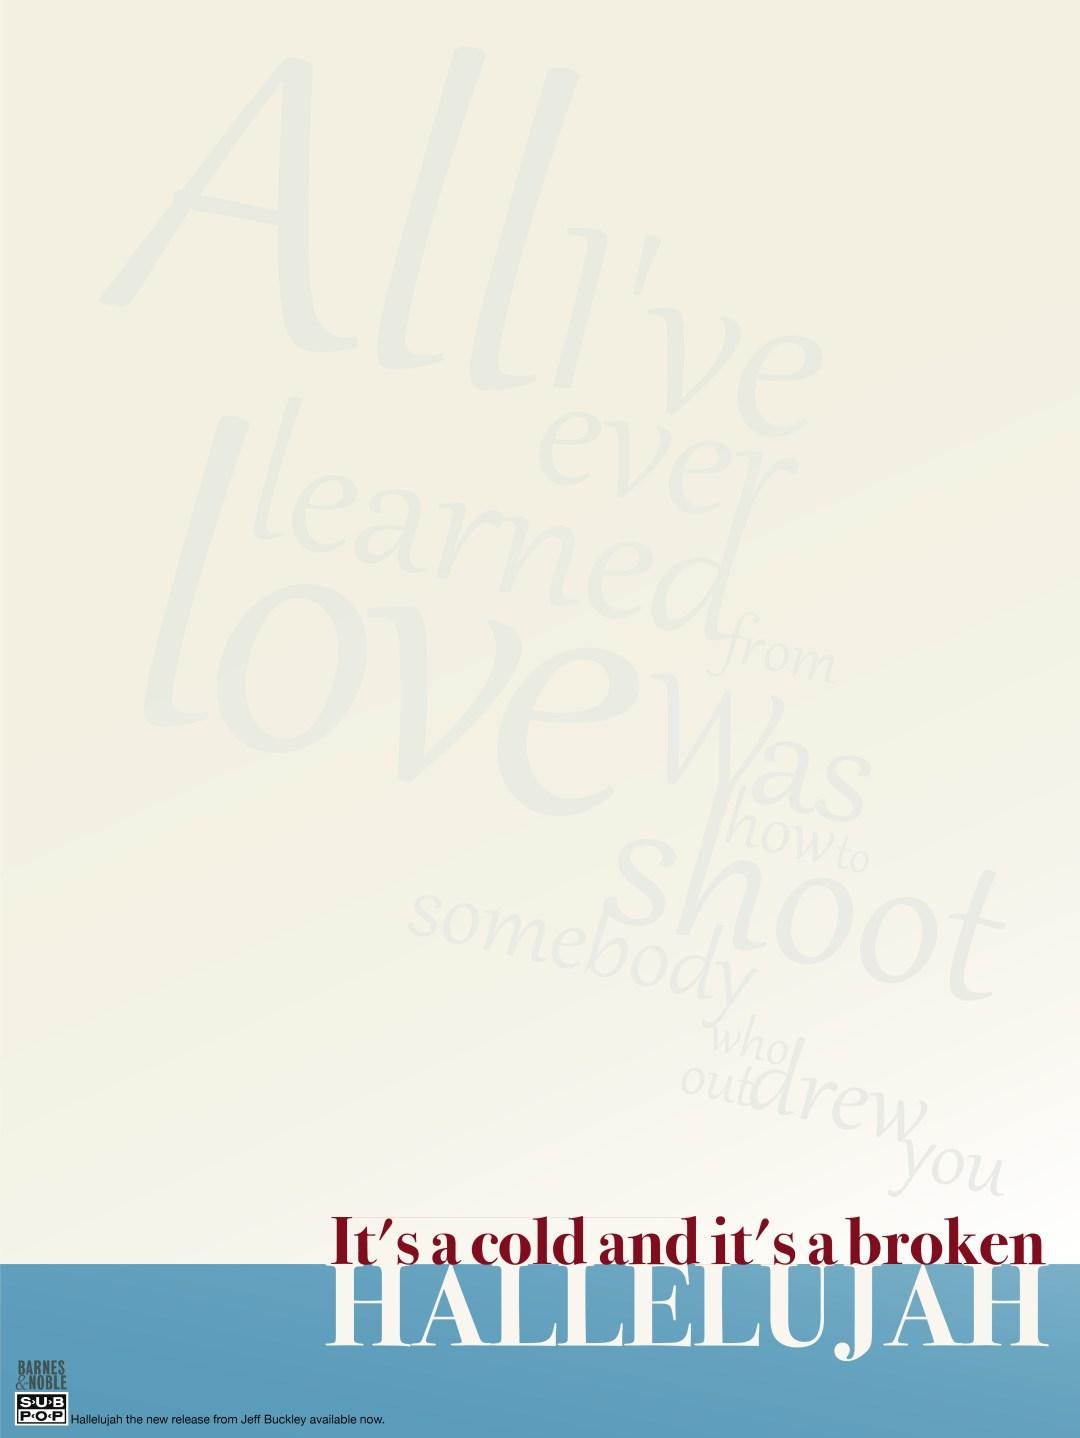 Jeff Buckley Hallelujah Poster